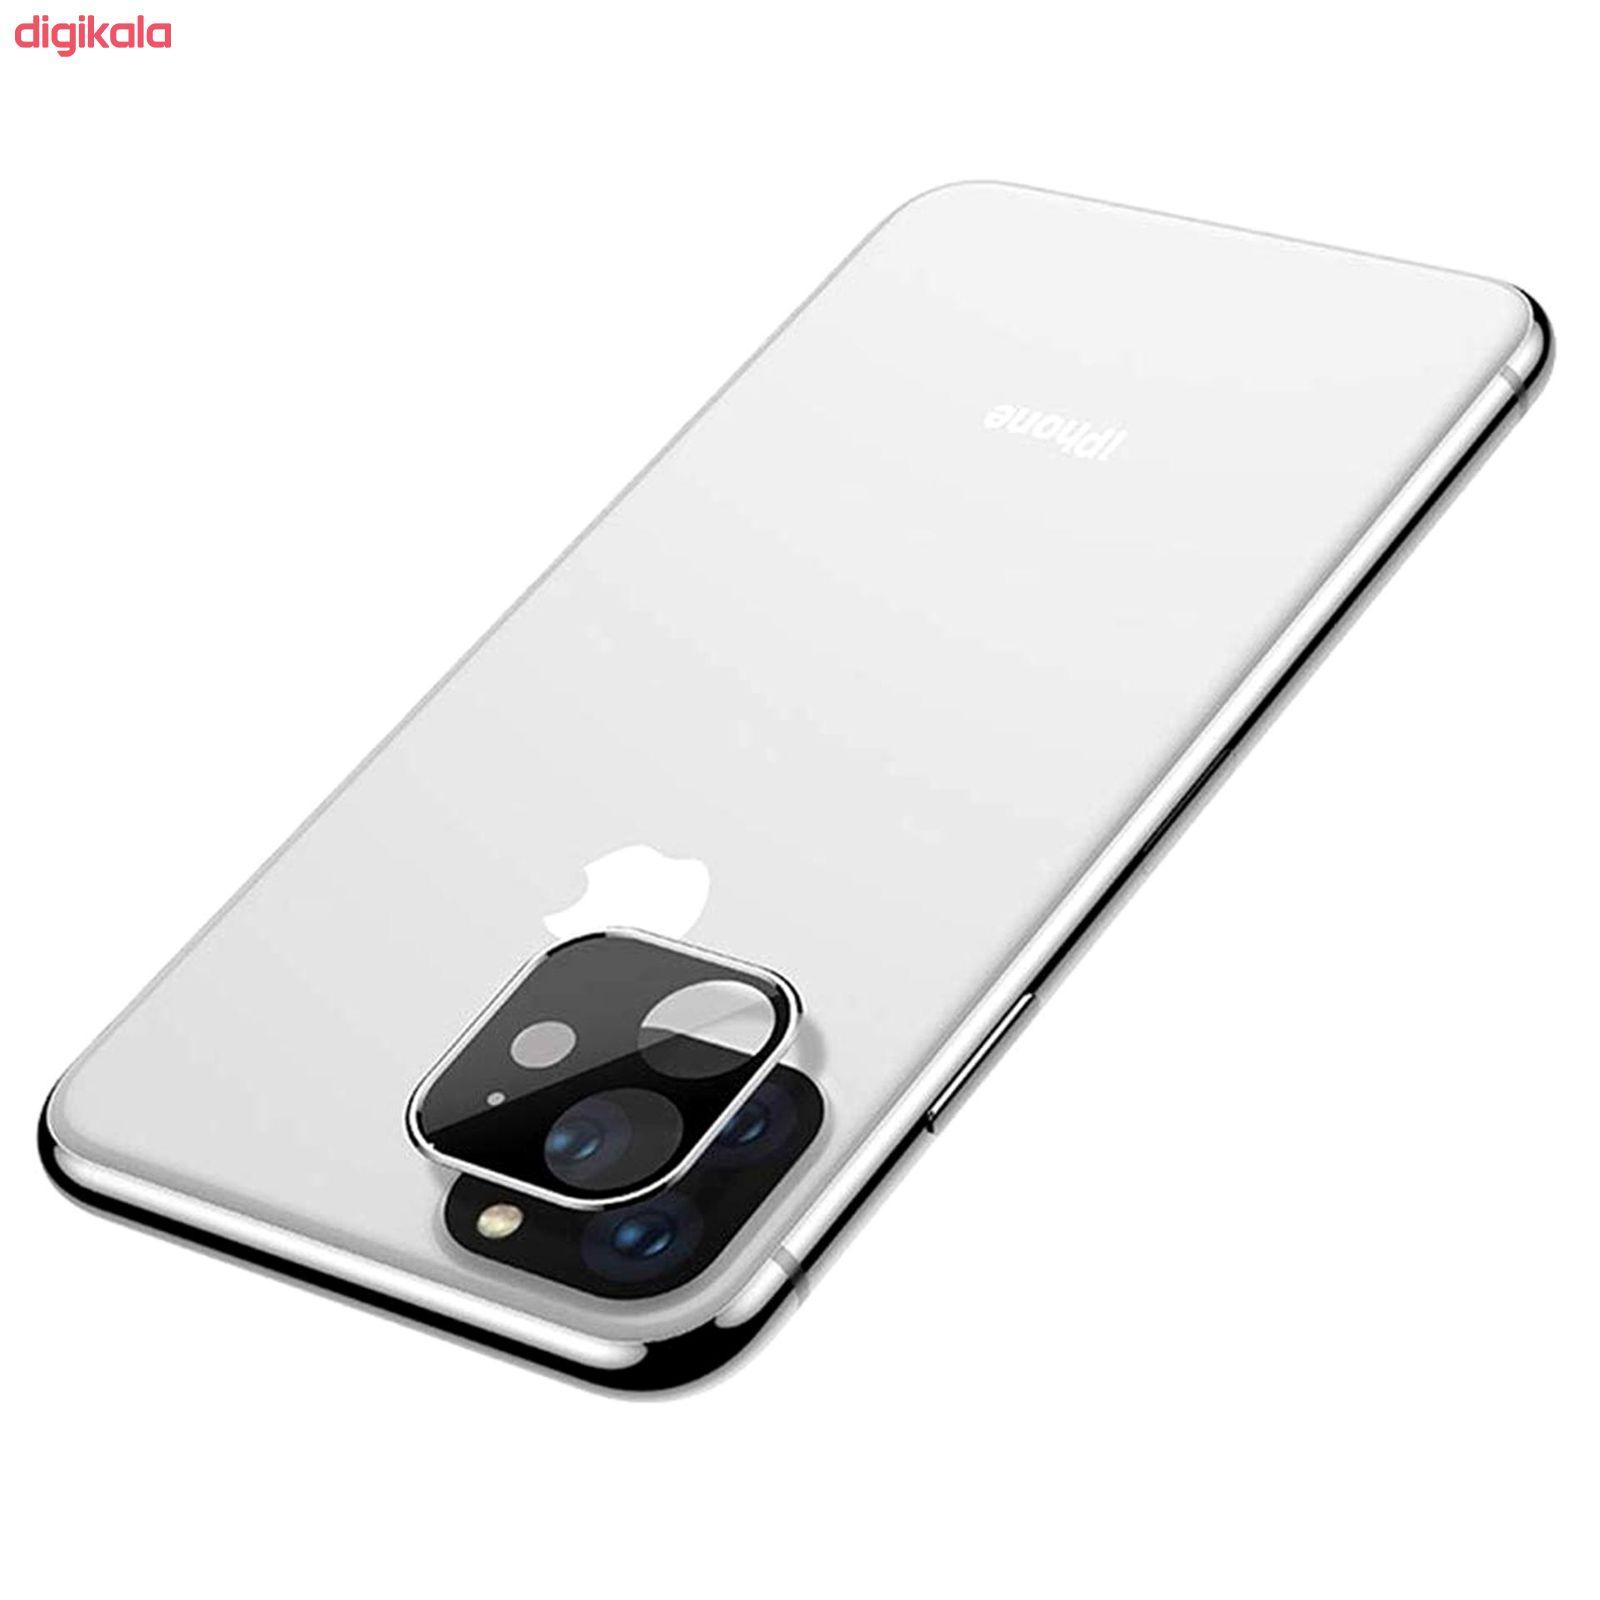 محافظ لنز دوربین راک مدل 3DSLP مناسب برای گوشی موبایل اپل iPhone 11 بسته دو عددی main 1 3